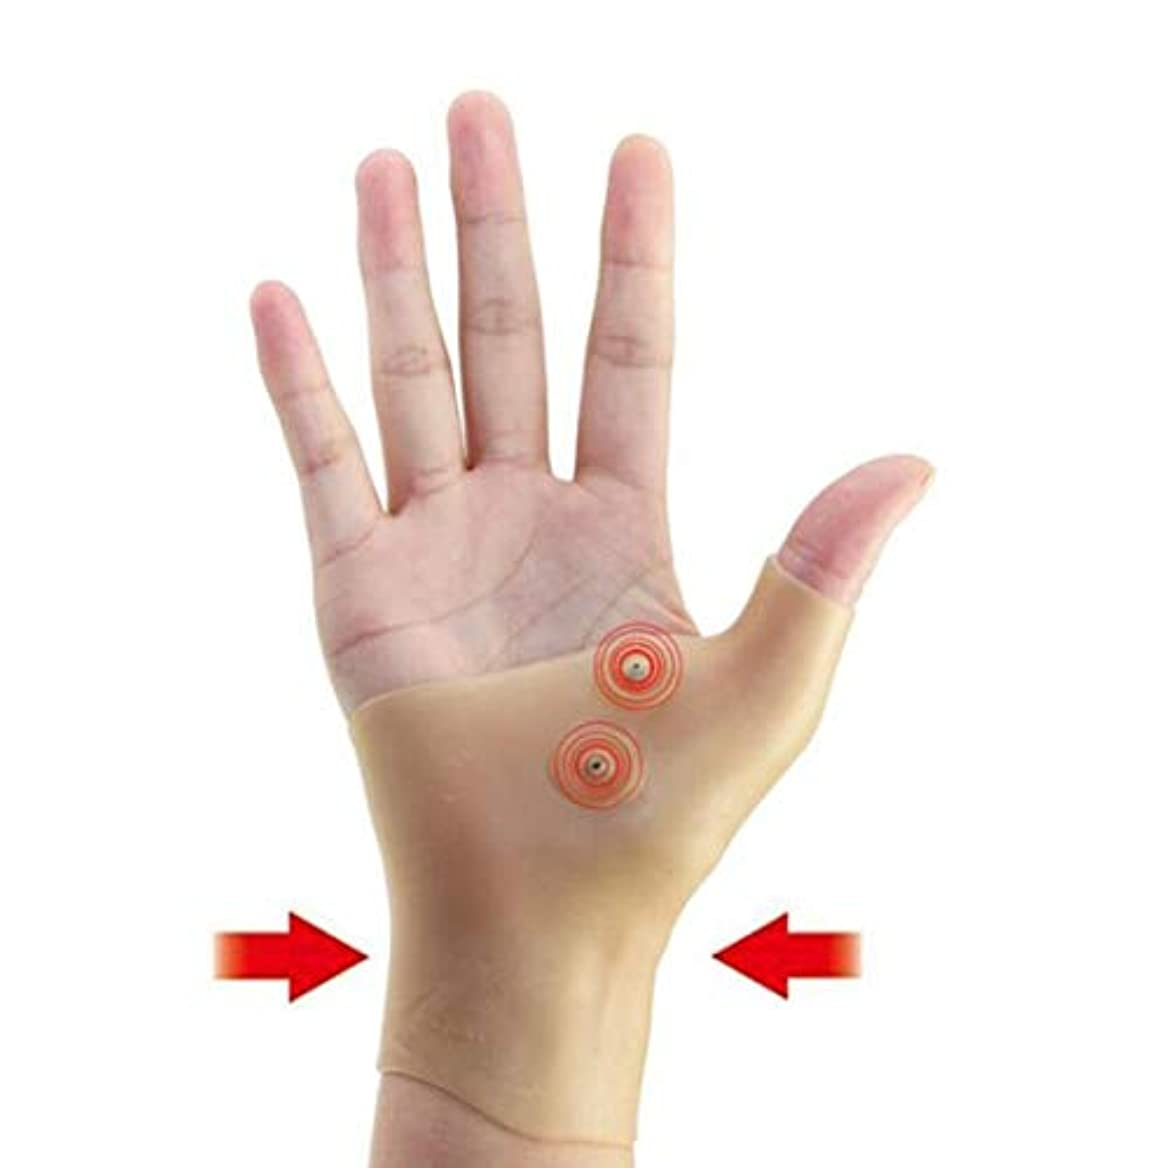 その後詳細な類推磁気療法手首手親指サポート手袋シリコーンゲル関節炎圧力矯正器マッサージ痛み緩和手袋 - 肌の色